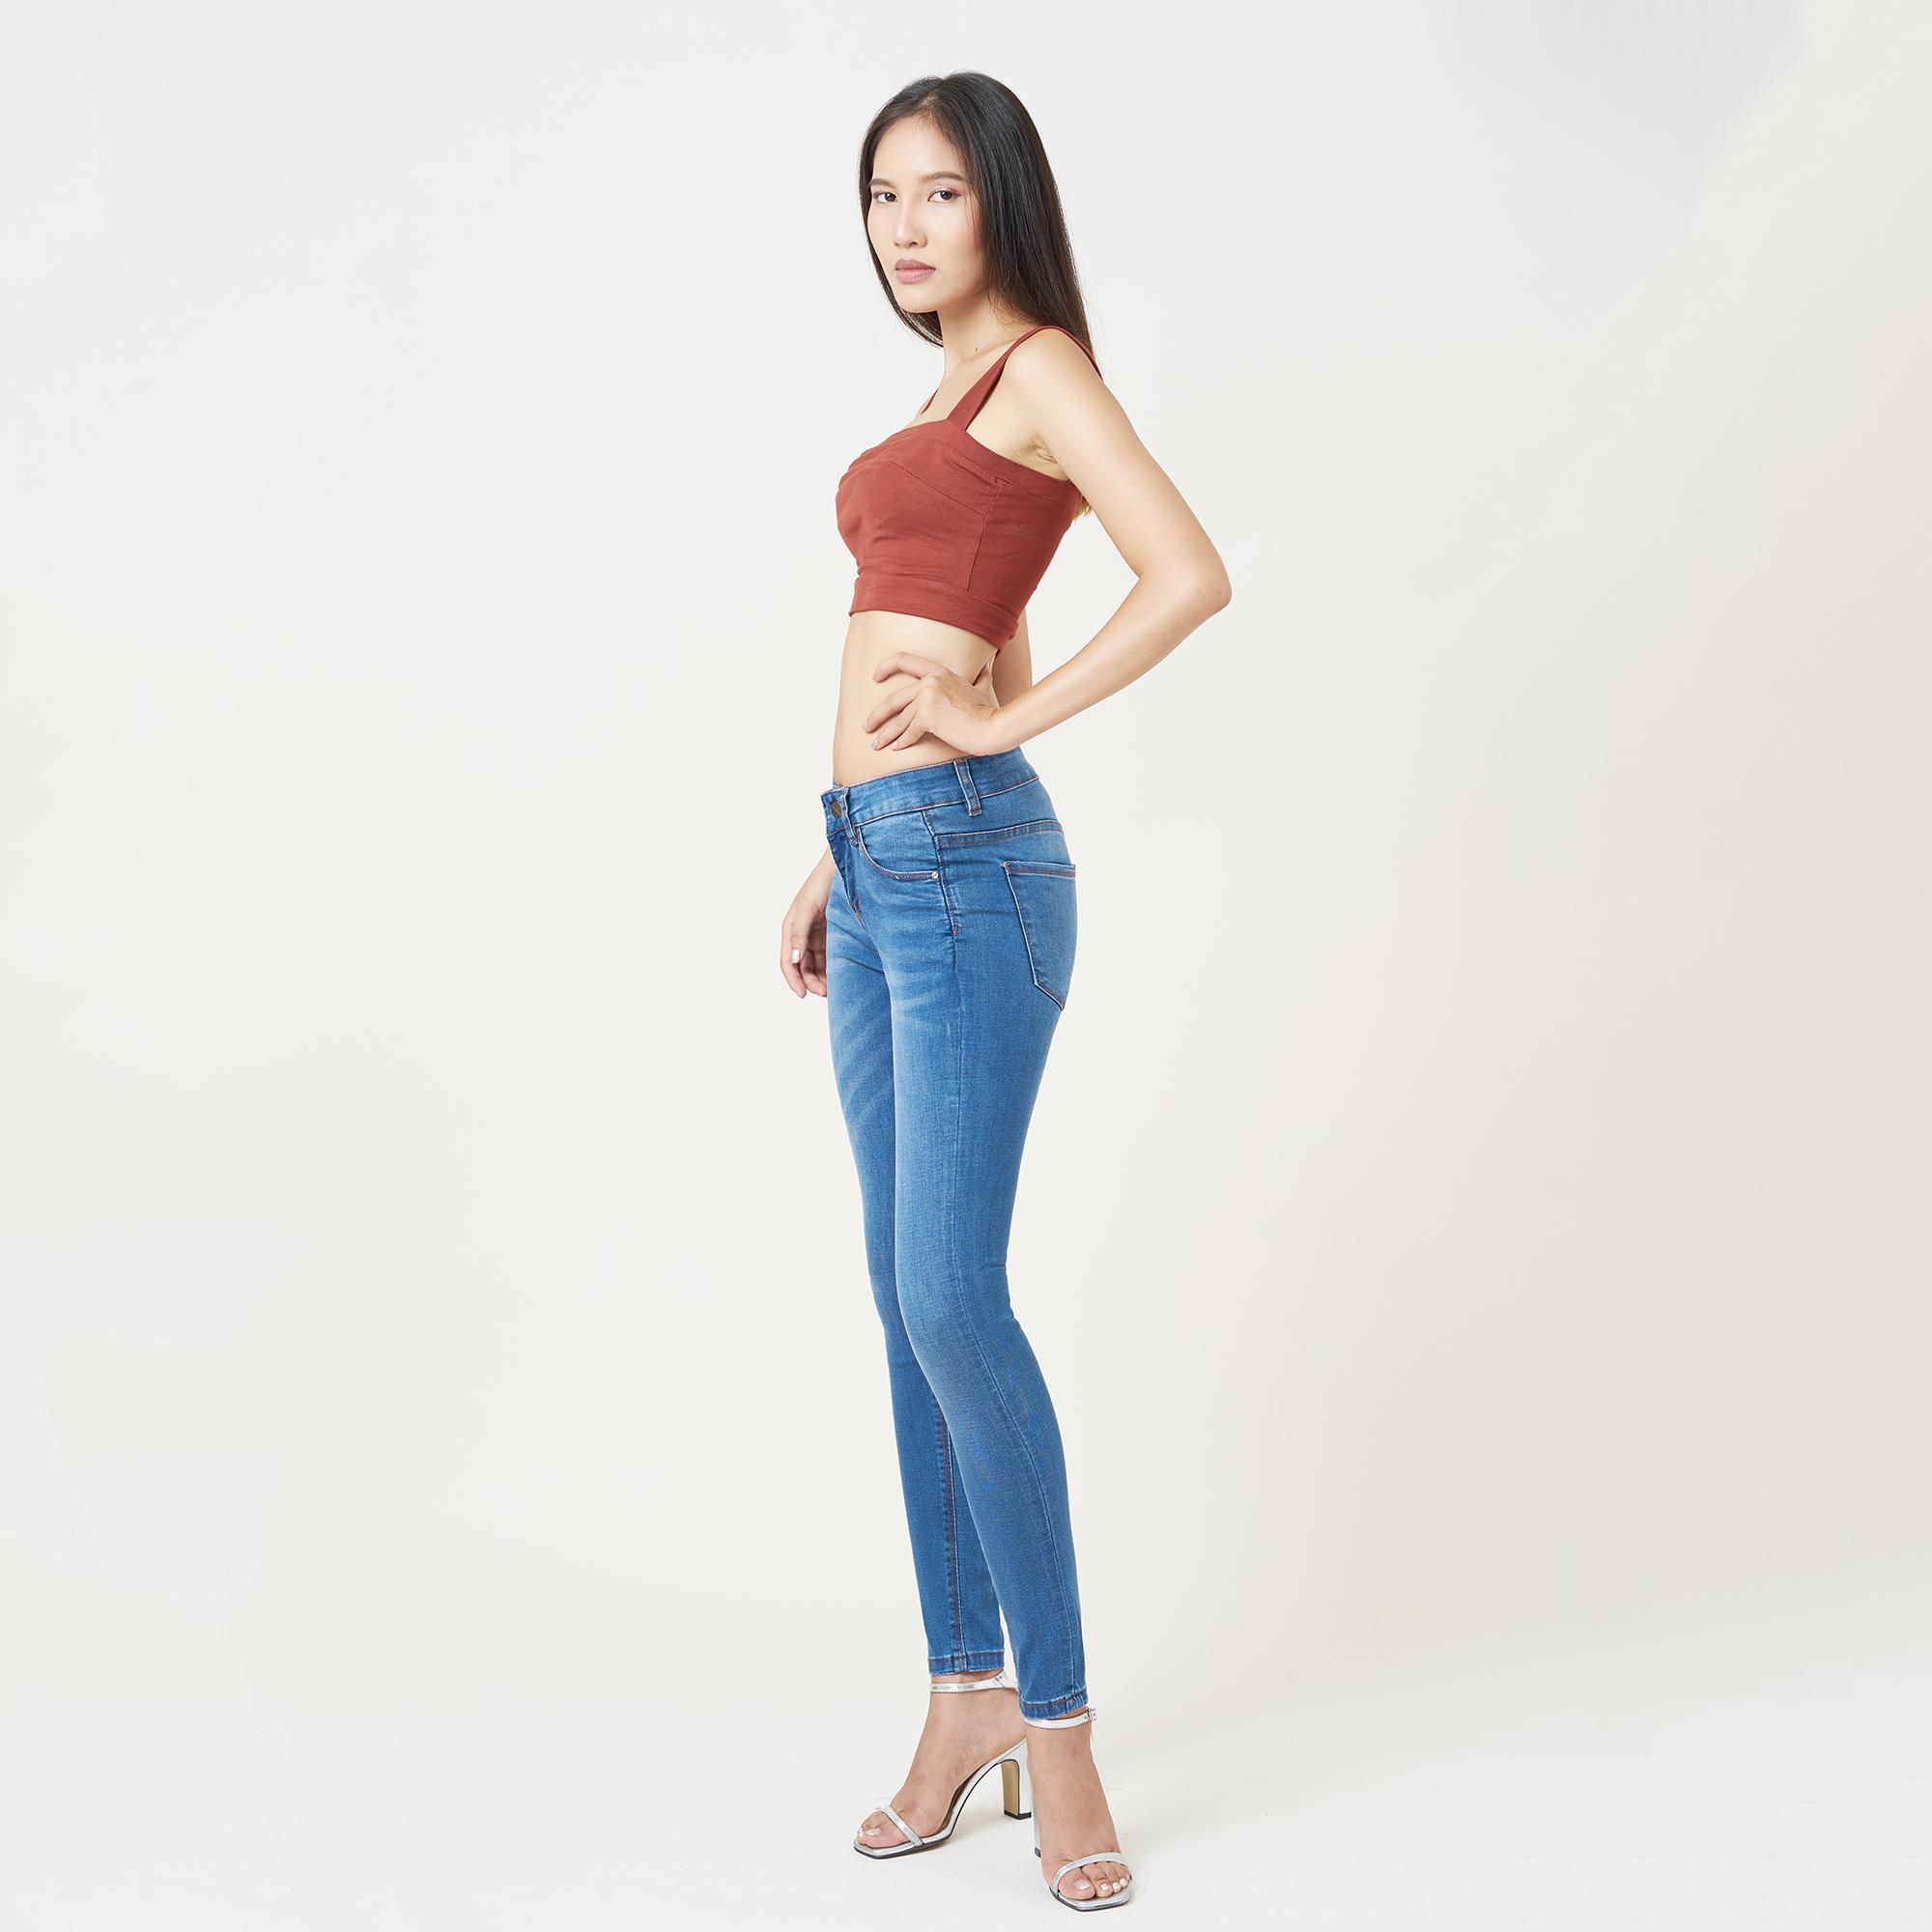 Quần Jean Nữ Skinny Lưng Vừa Aaa Jeans Có Nhiều Màu Size 26 - 32 10